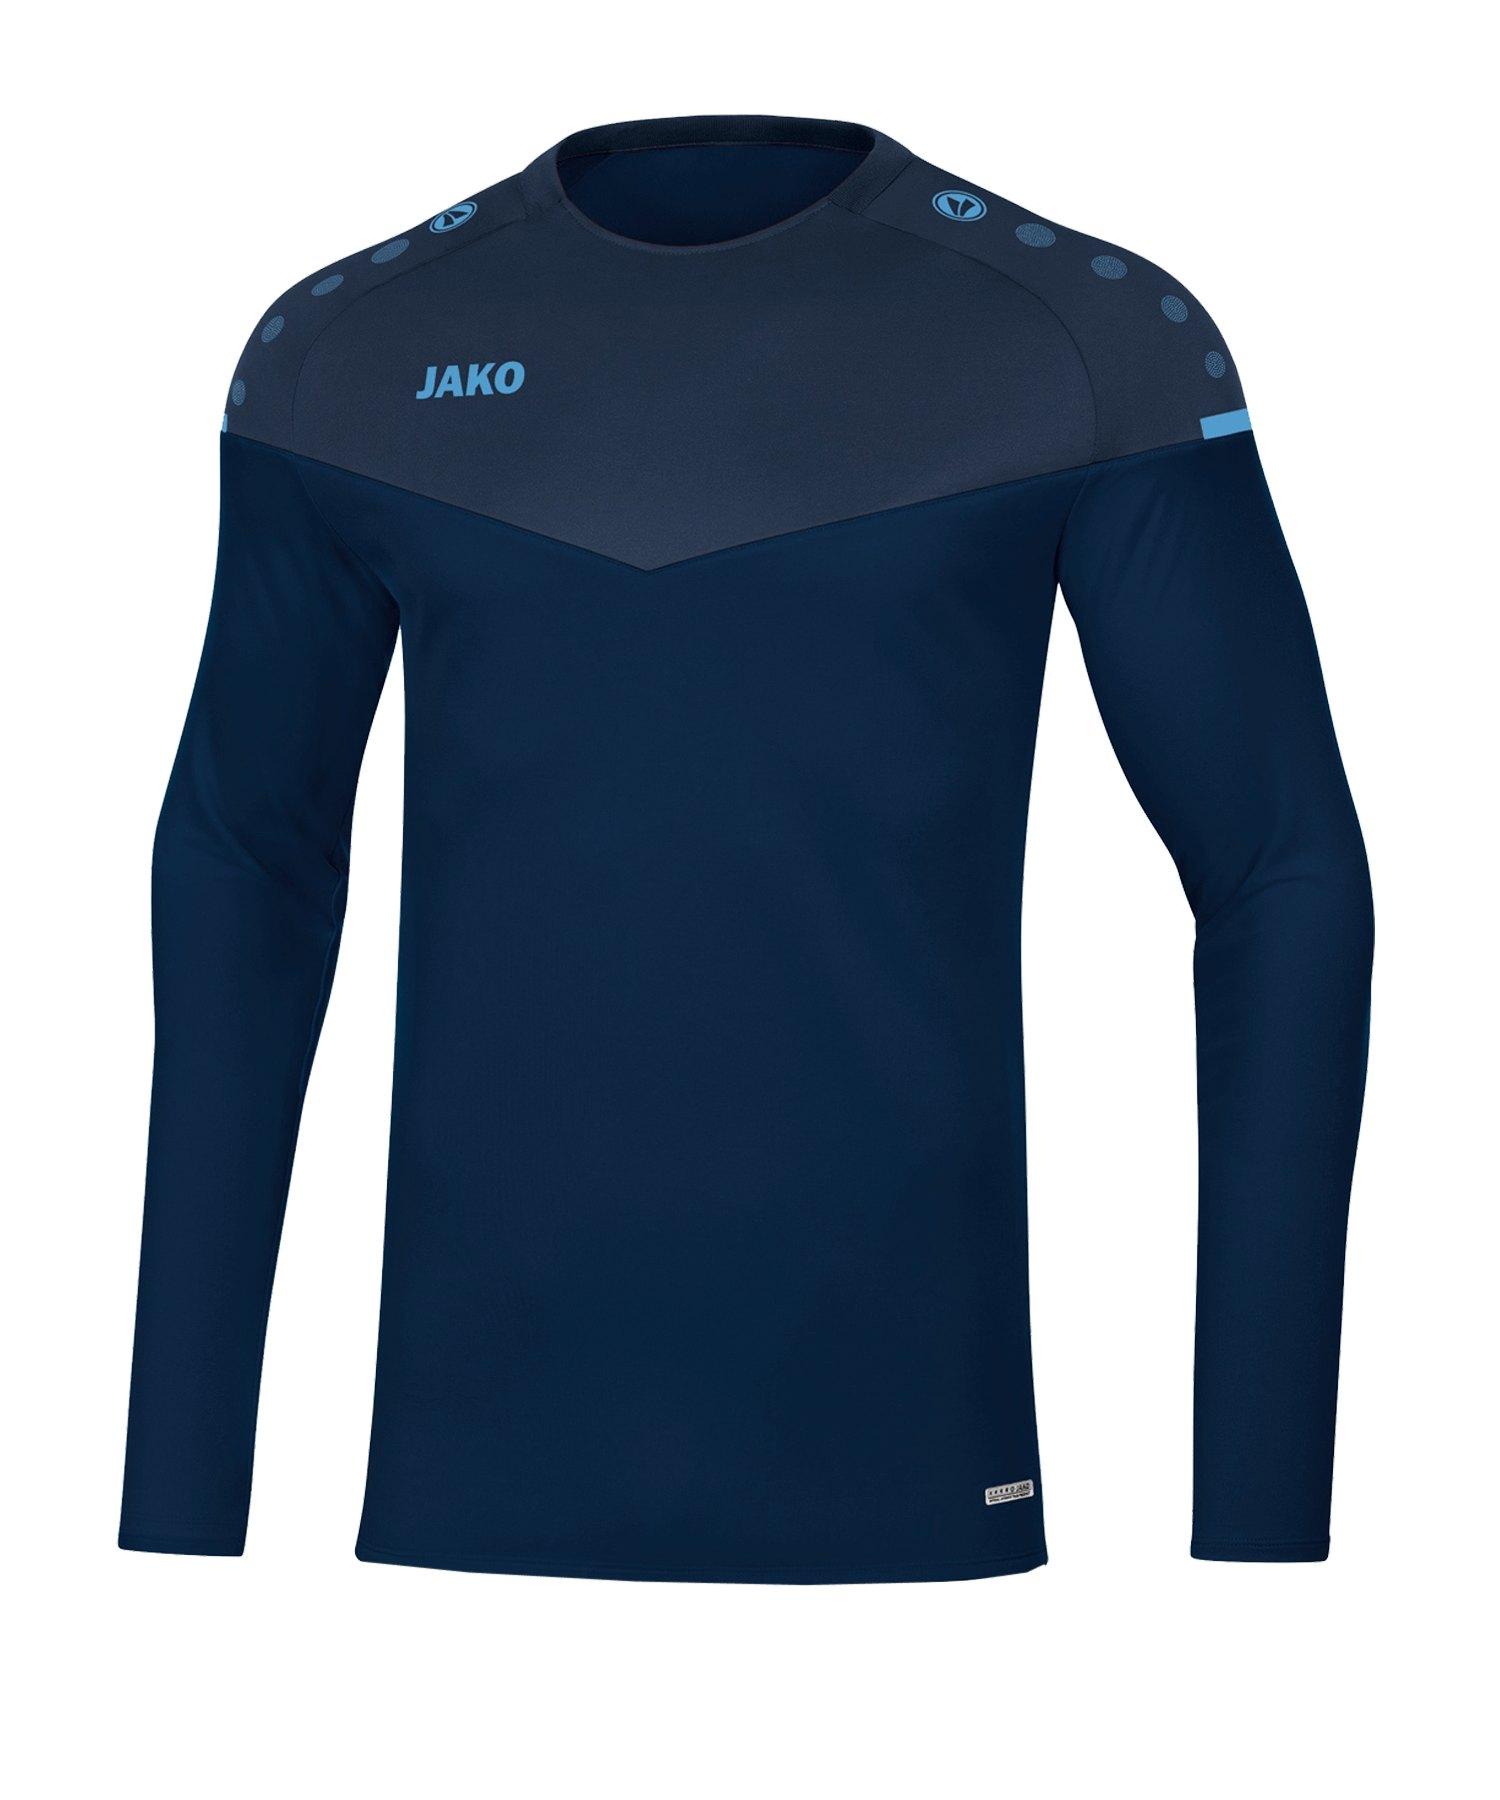 Jako Champ 2.0 Sweatshirt Blau F95 - blau